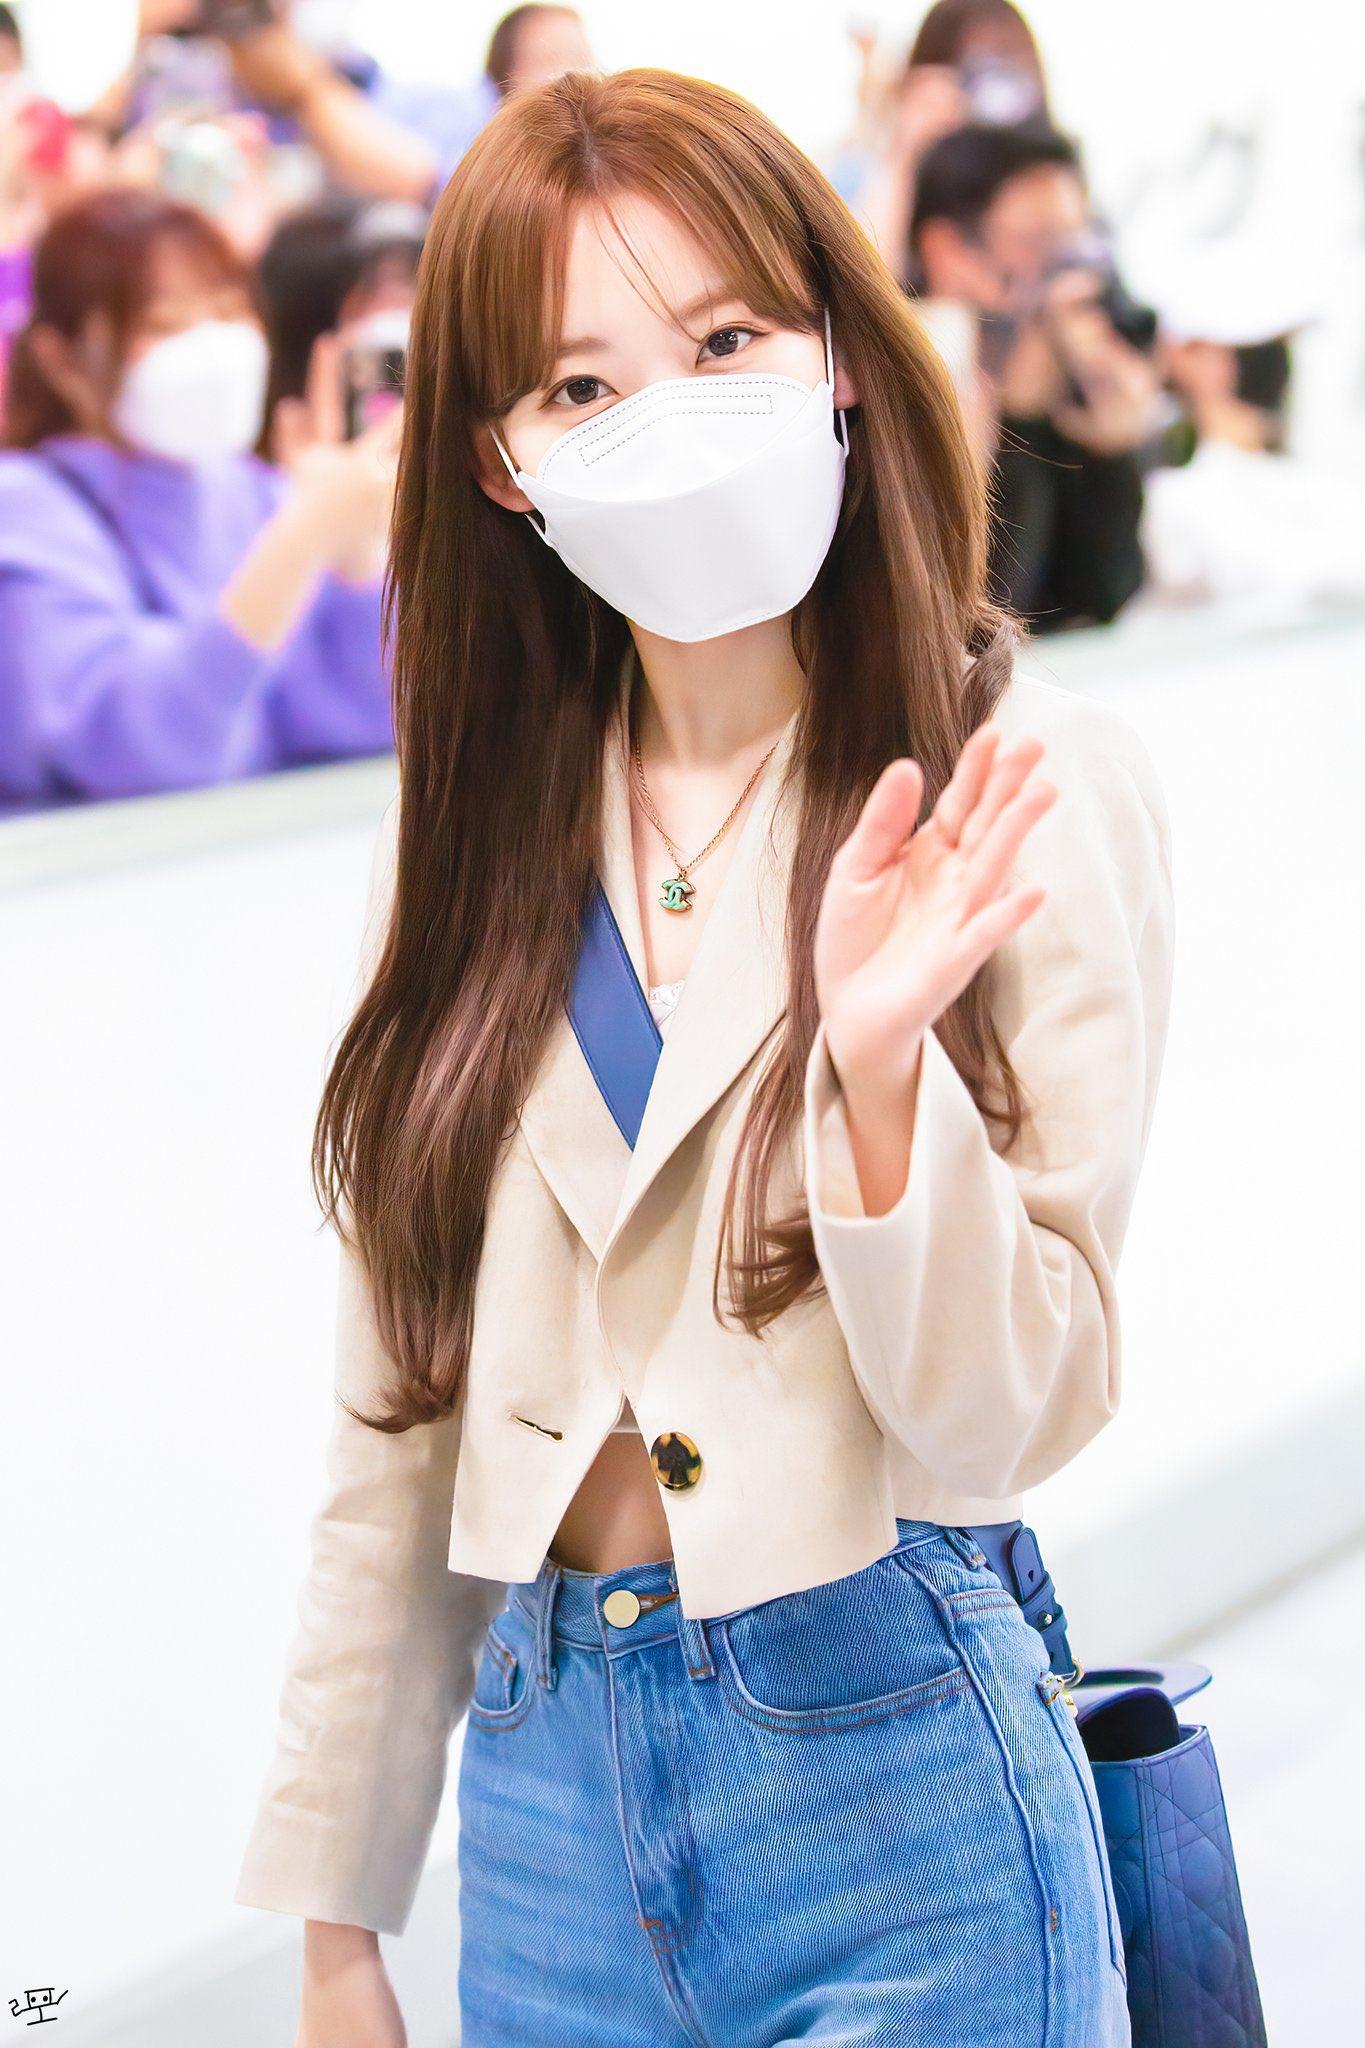 Tổng hợp đồ Zara sao Hàn vừa diện: Toàn món trendy xinh tươi, thích nhất là giá chỉ từ 500k - Ảnh 3.